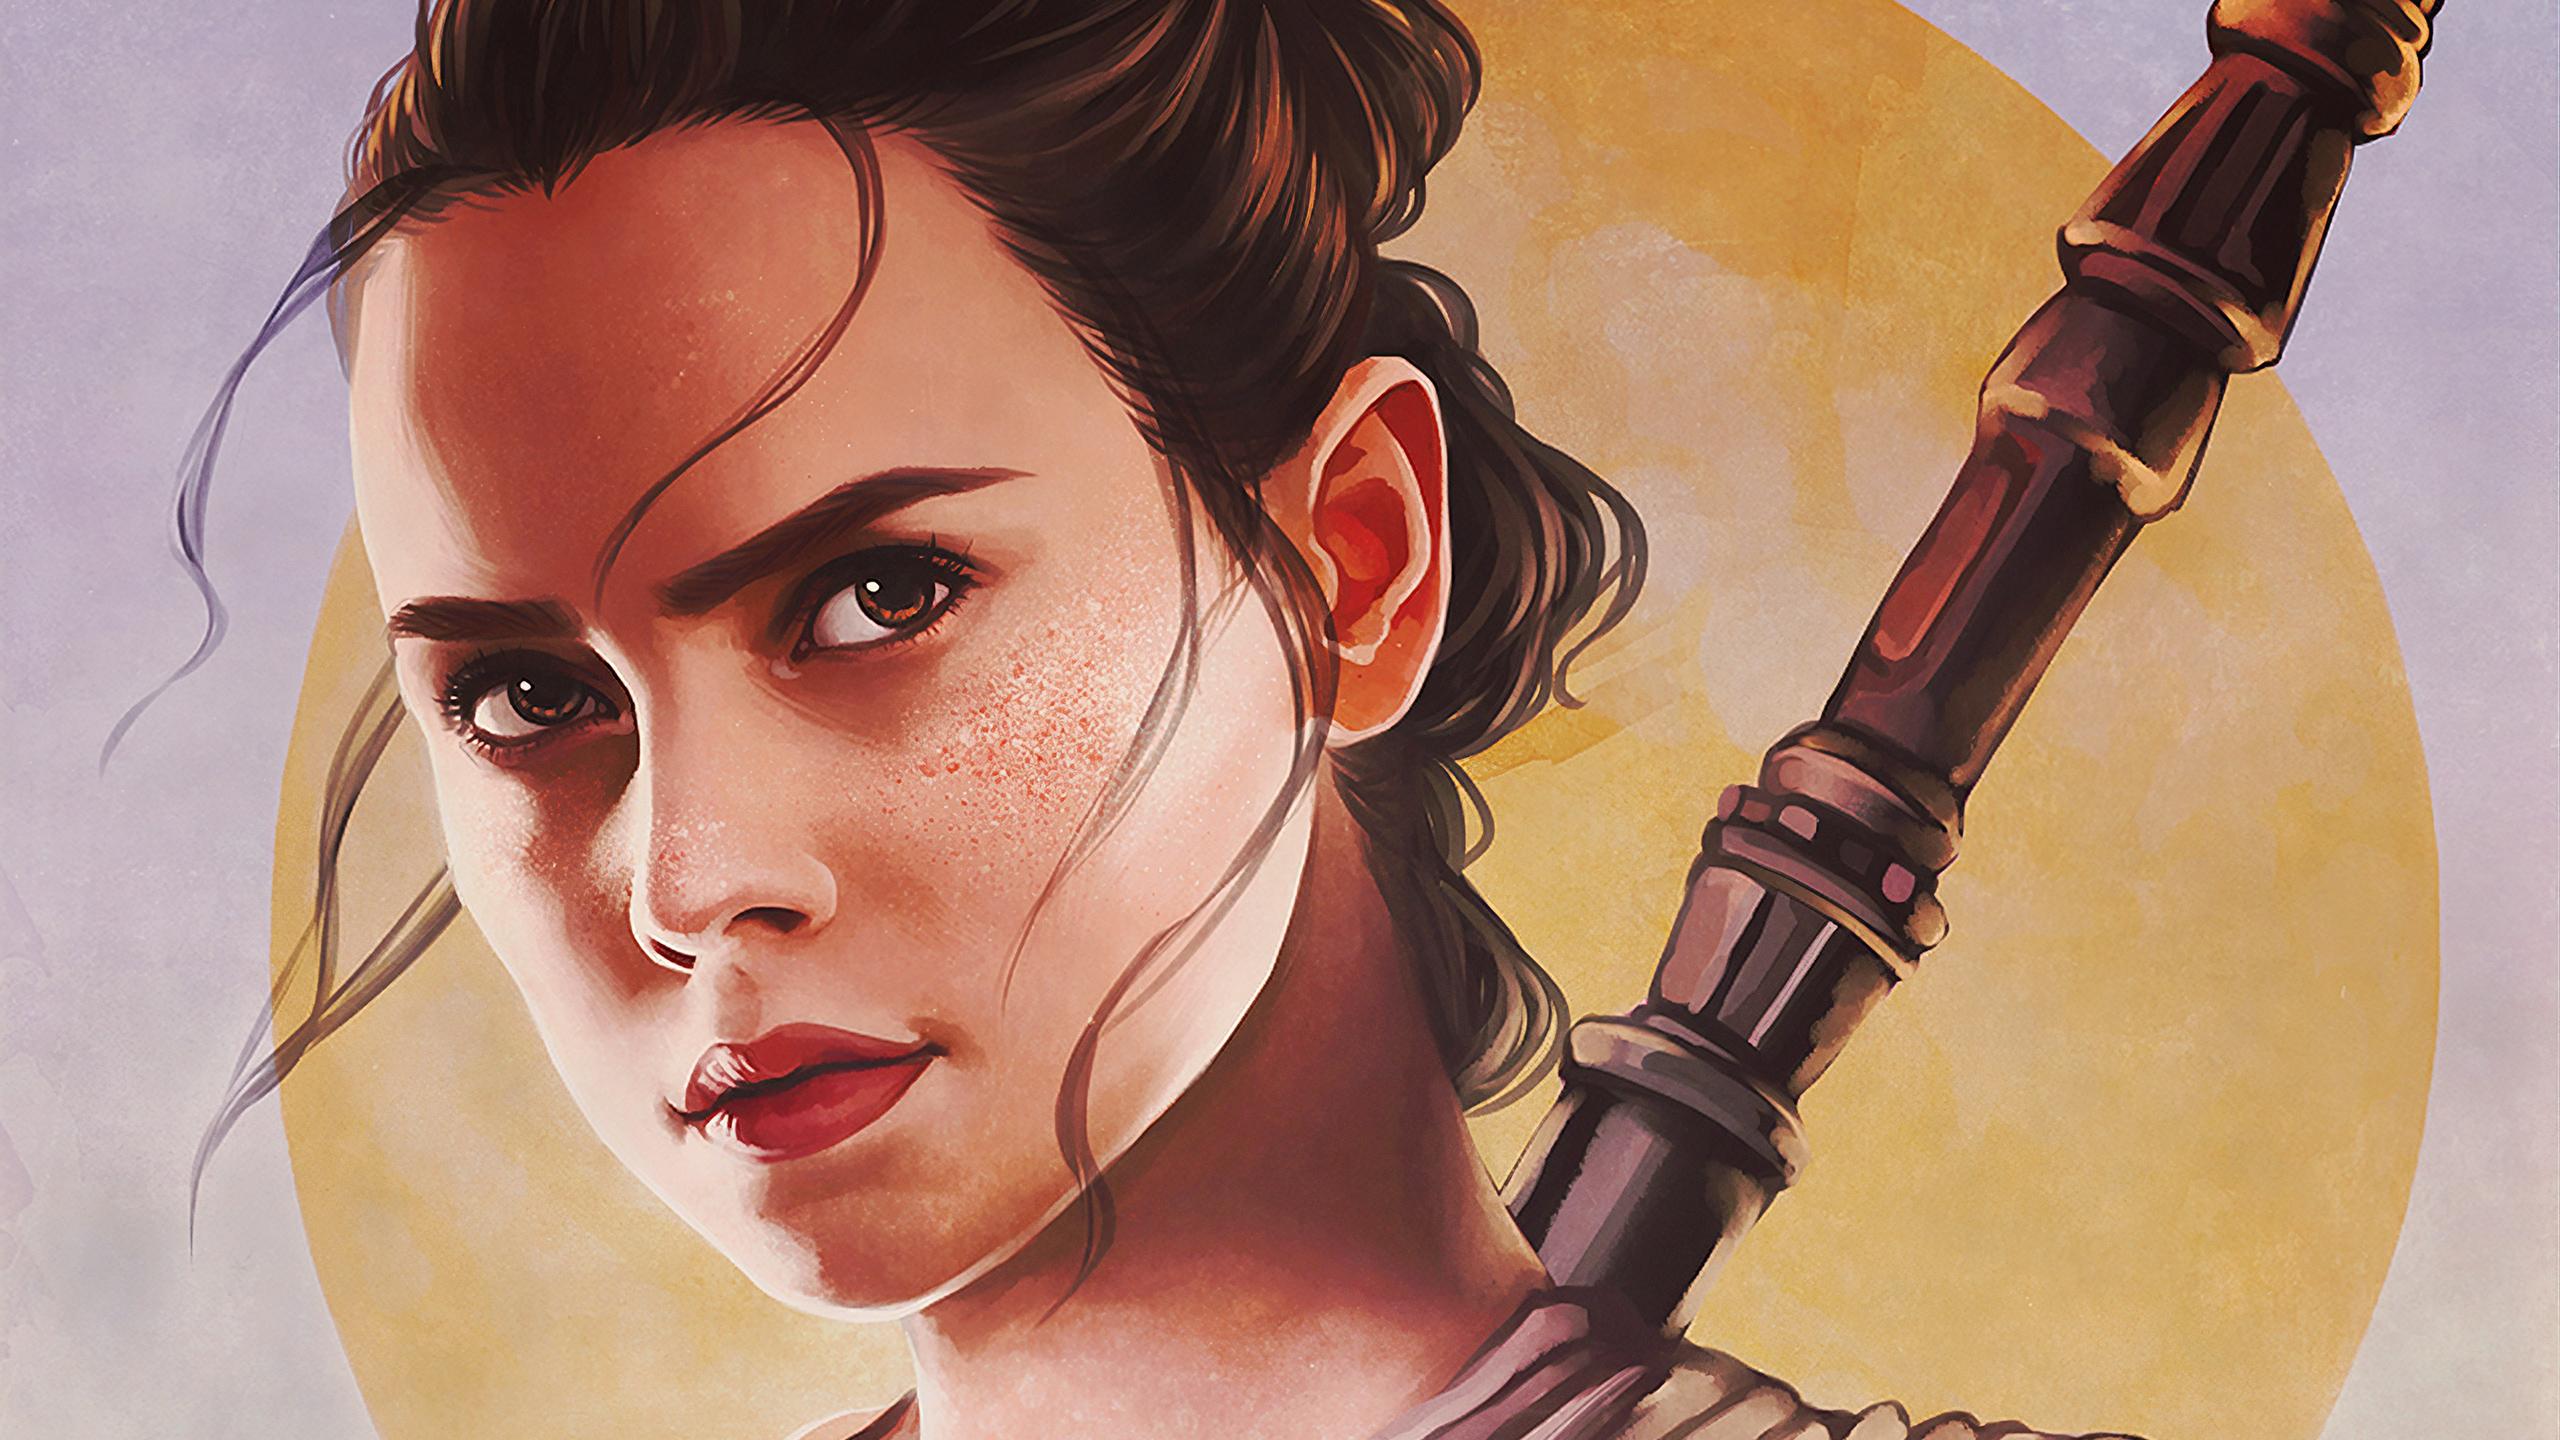 Rey Star Wars Fanart Hd Artist 4k Wallpapers Images